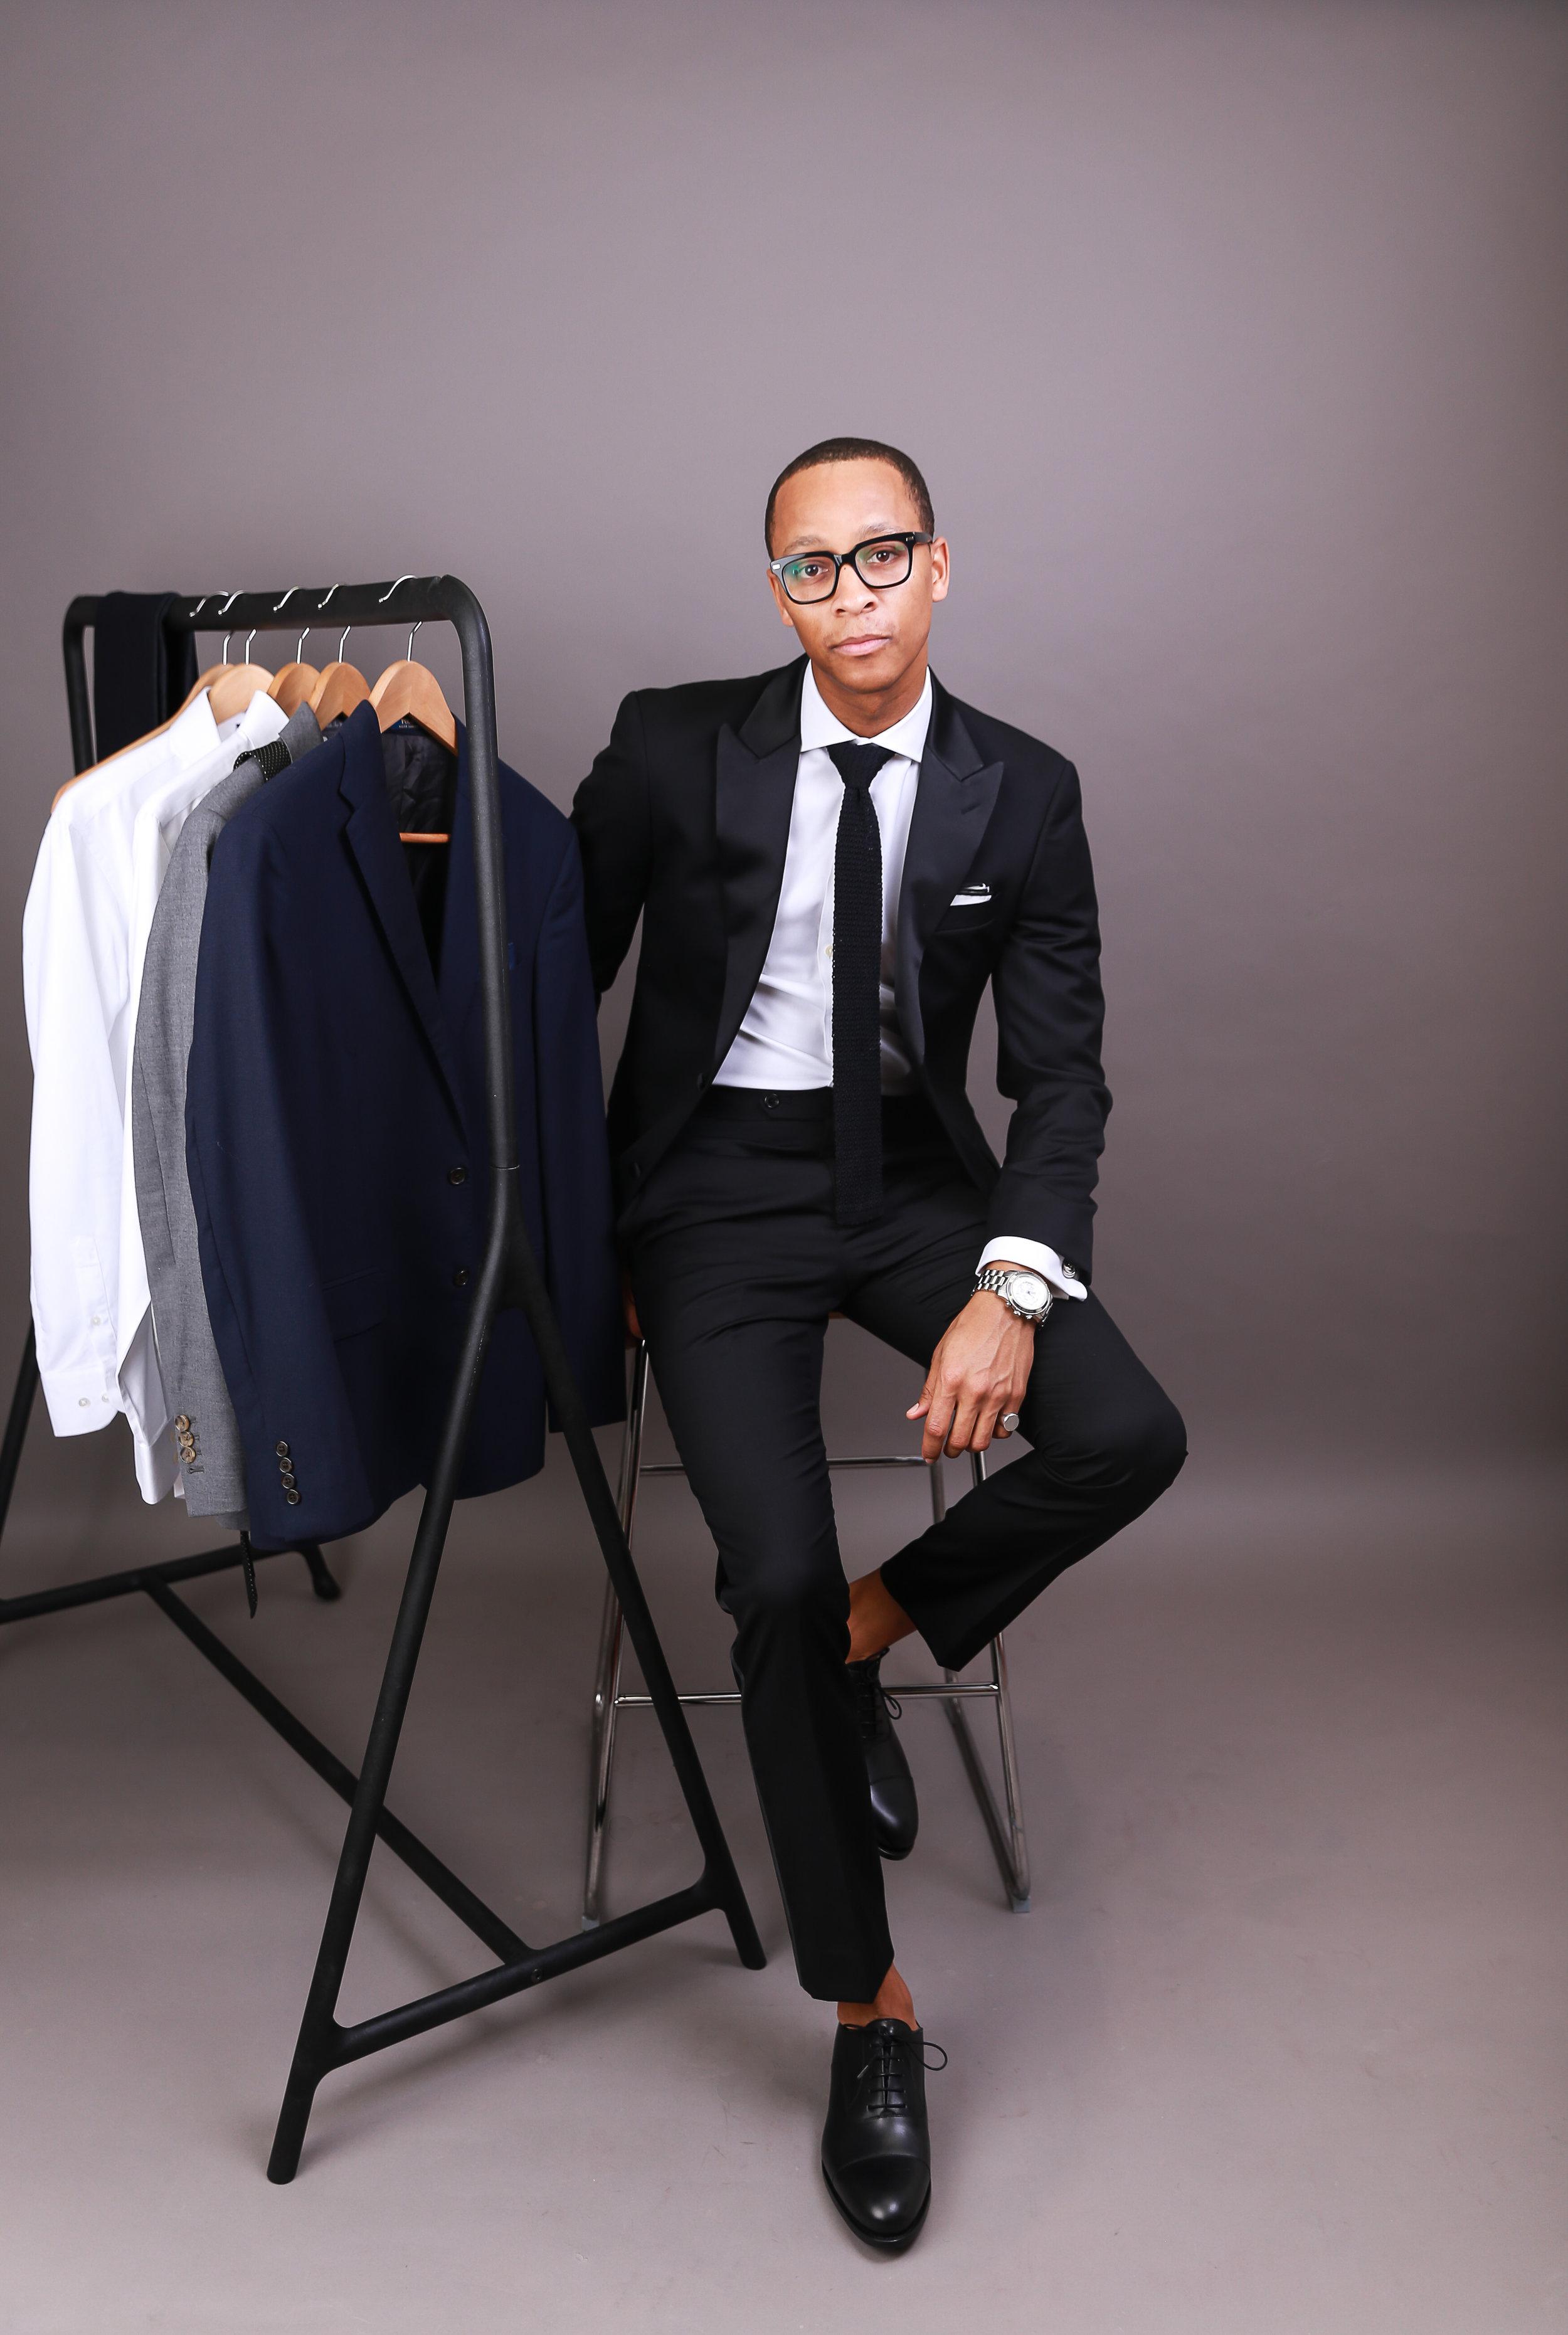 Look 2 - Black Tie